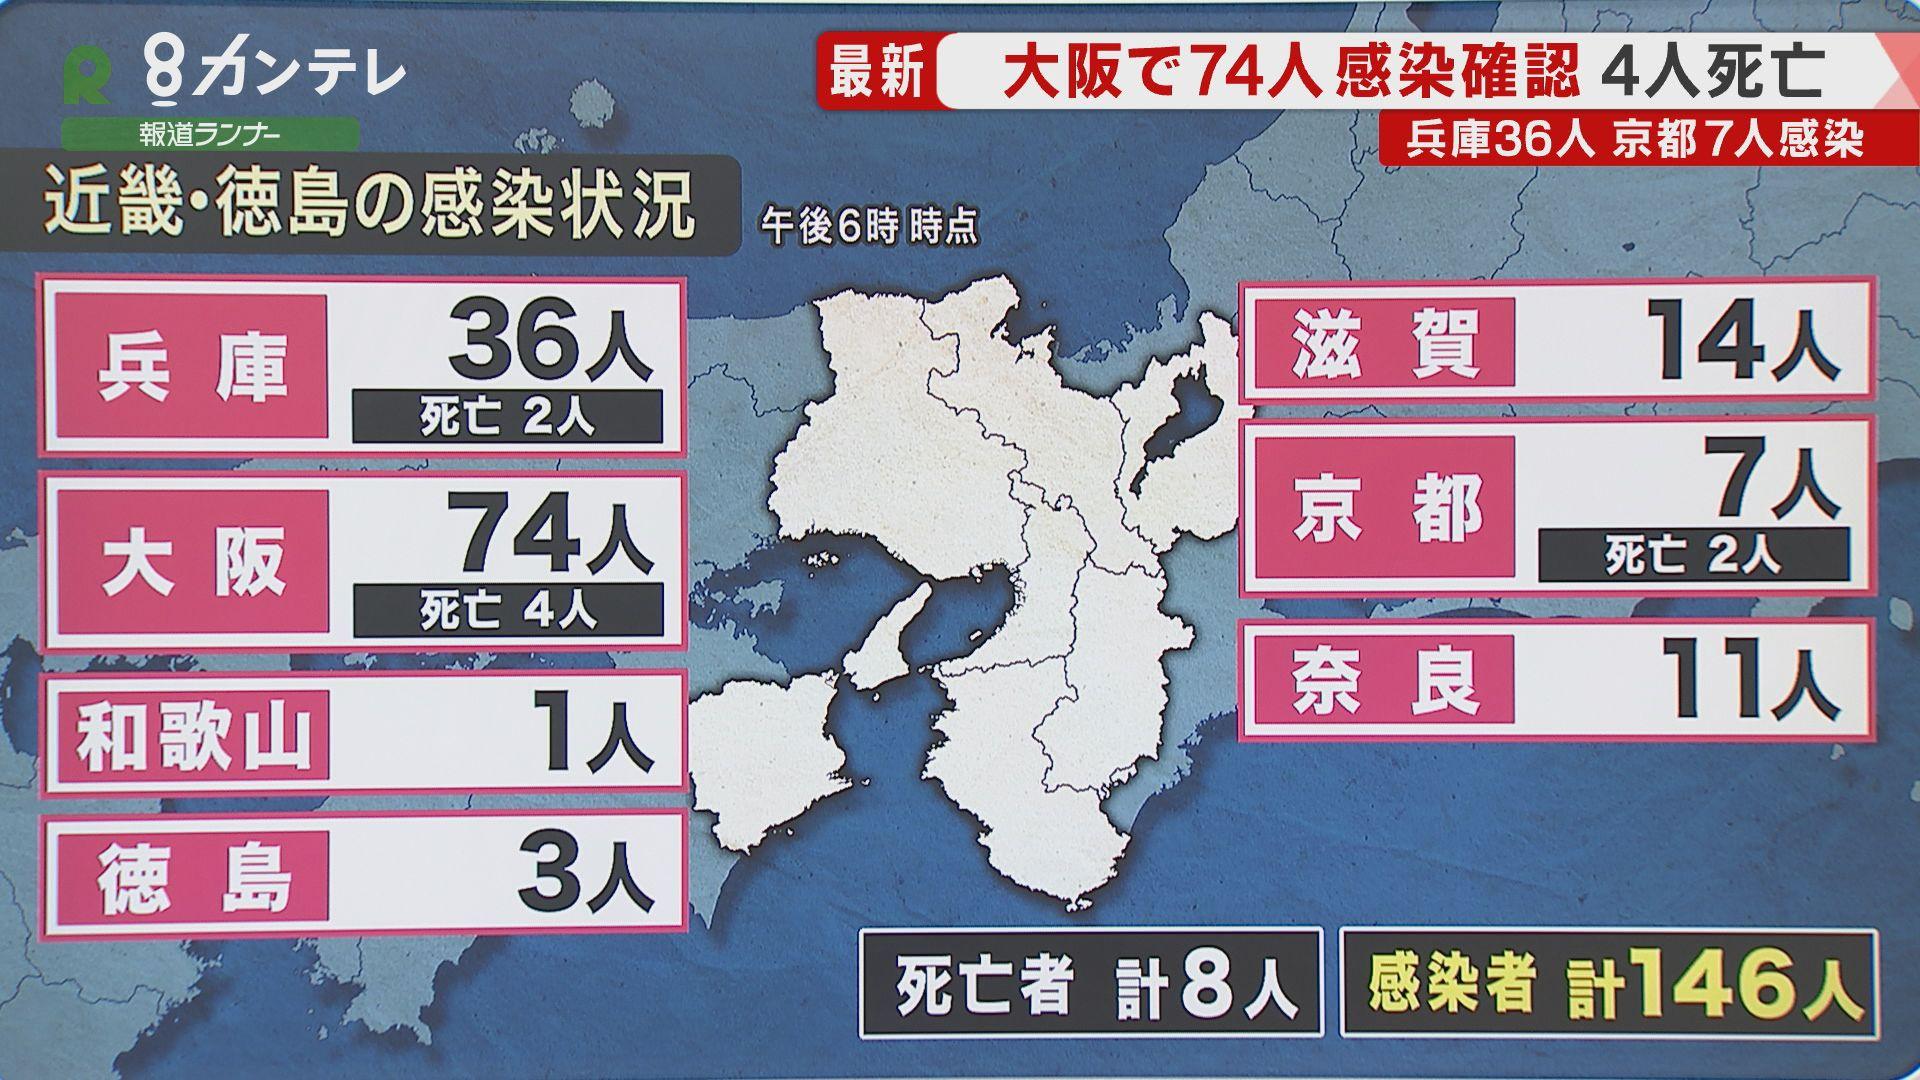 【速報】大阪で新たに74人の感染確認 感染者4人が死亡